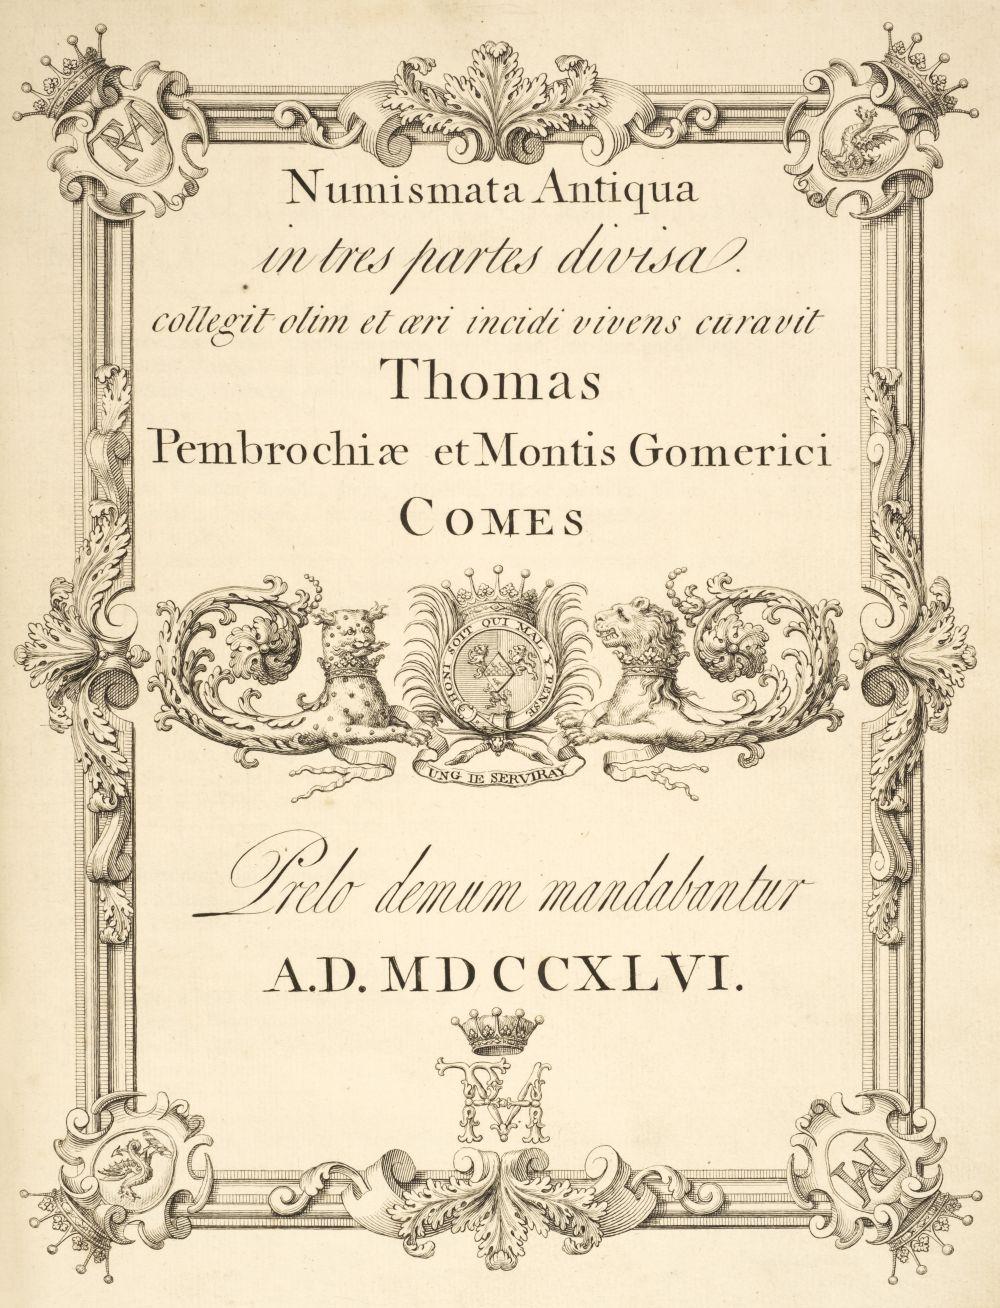 Herbert (Thomas, 8th Earl of Pembroke). Numismata antiqua in tres partes divisa, 1746